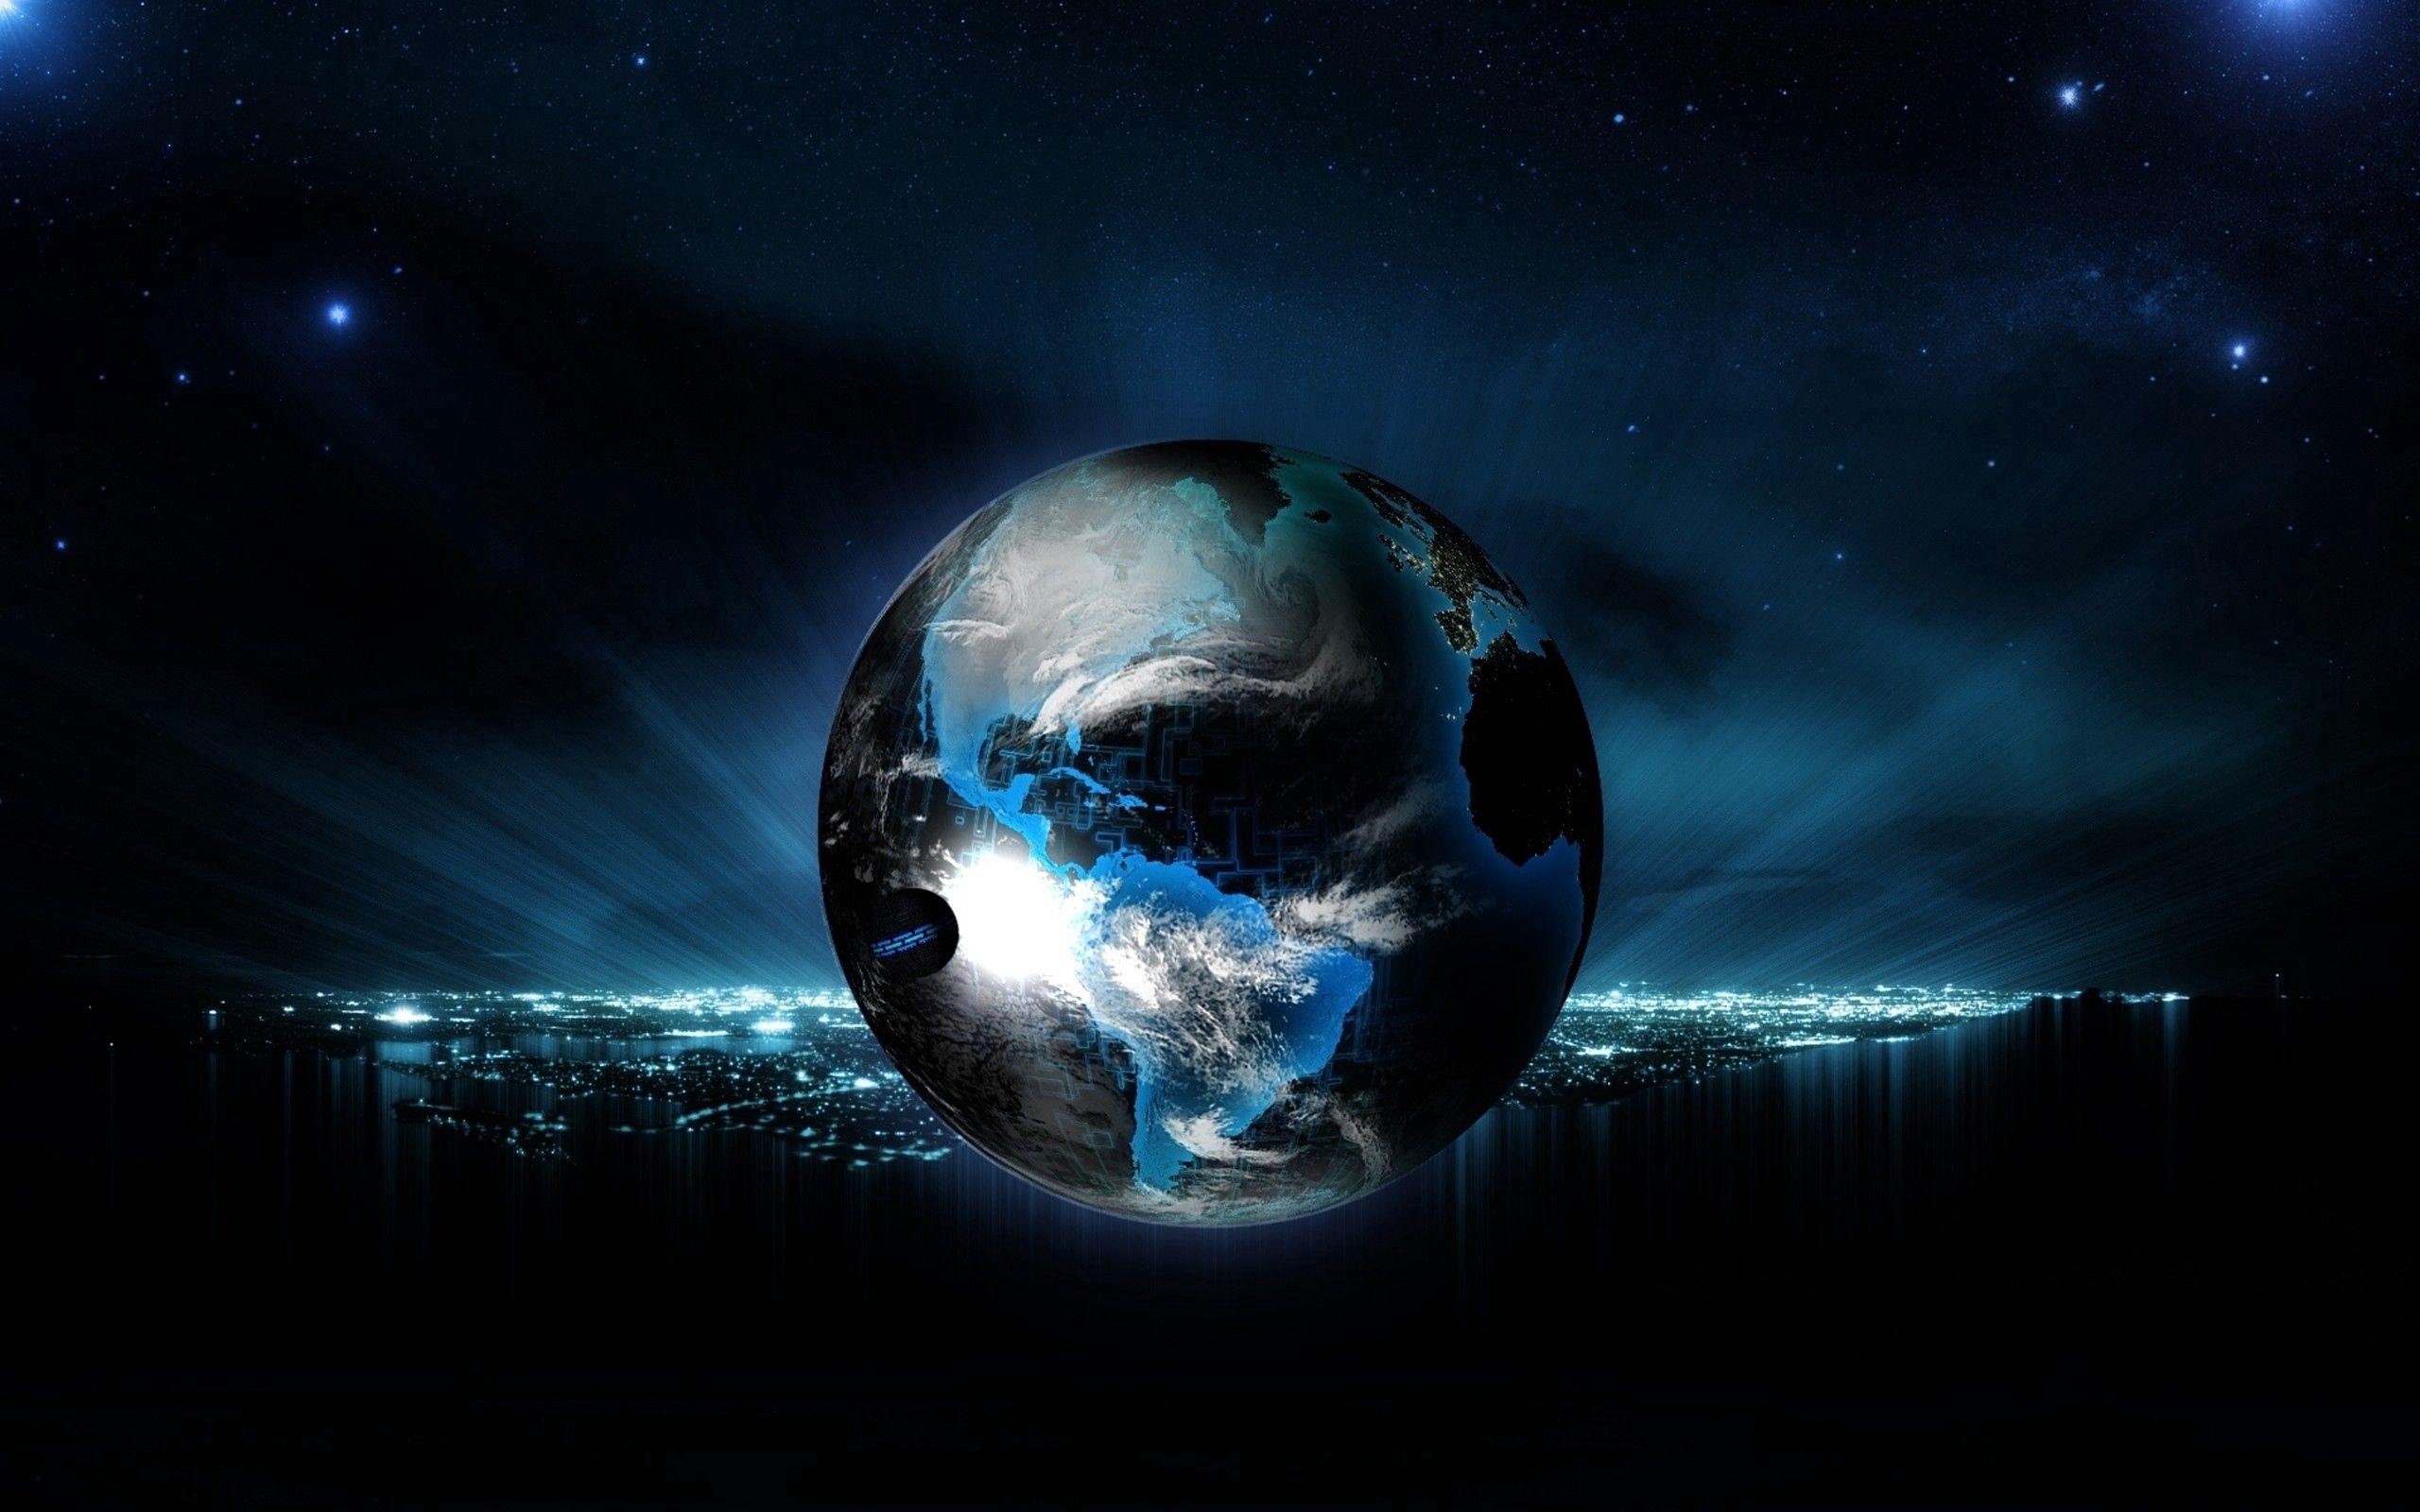 56974 скачать обои Абстракция, Шар, Глобус, Планета, Свет, Неон, Фон - заставки и картинки бесплатно